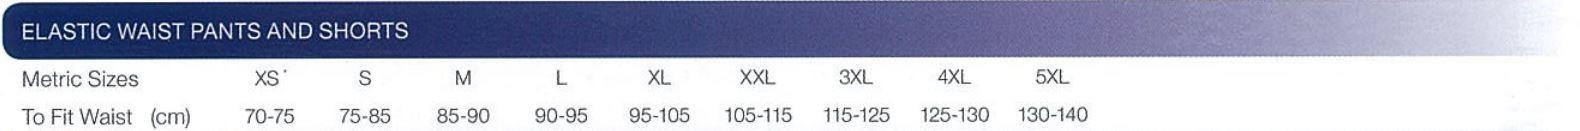 21-elasticwaistpantsandshorts.jpg